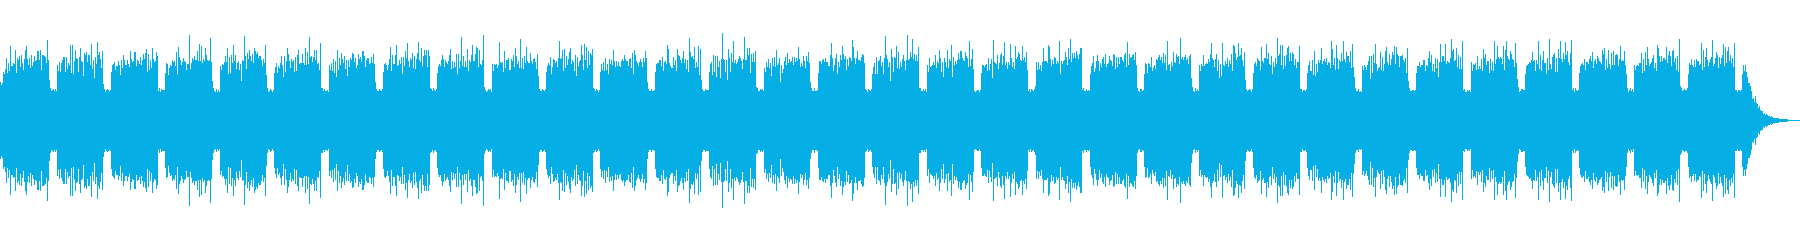 ダイナミックなボスキャラ戦BGMの再生済みの波形